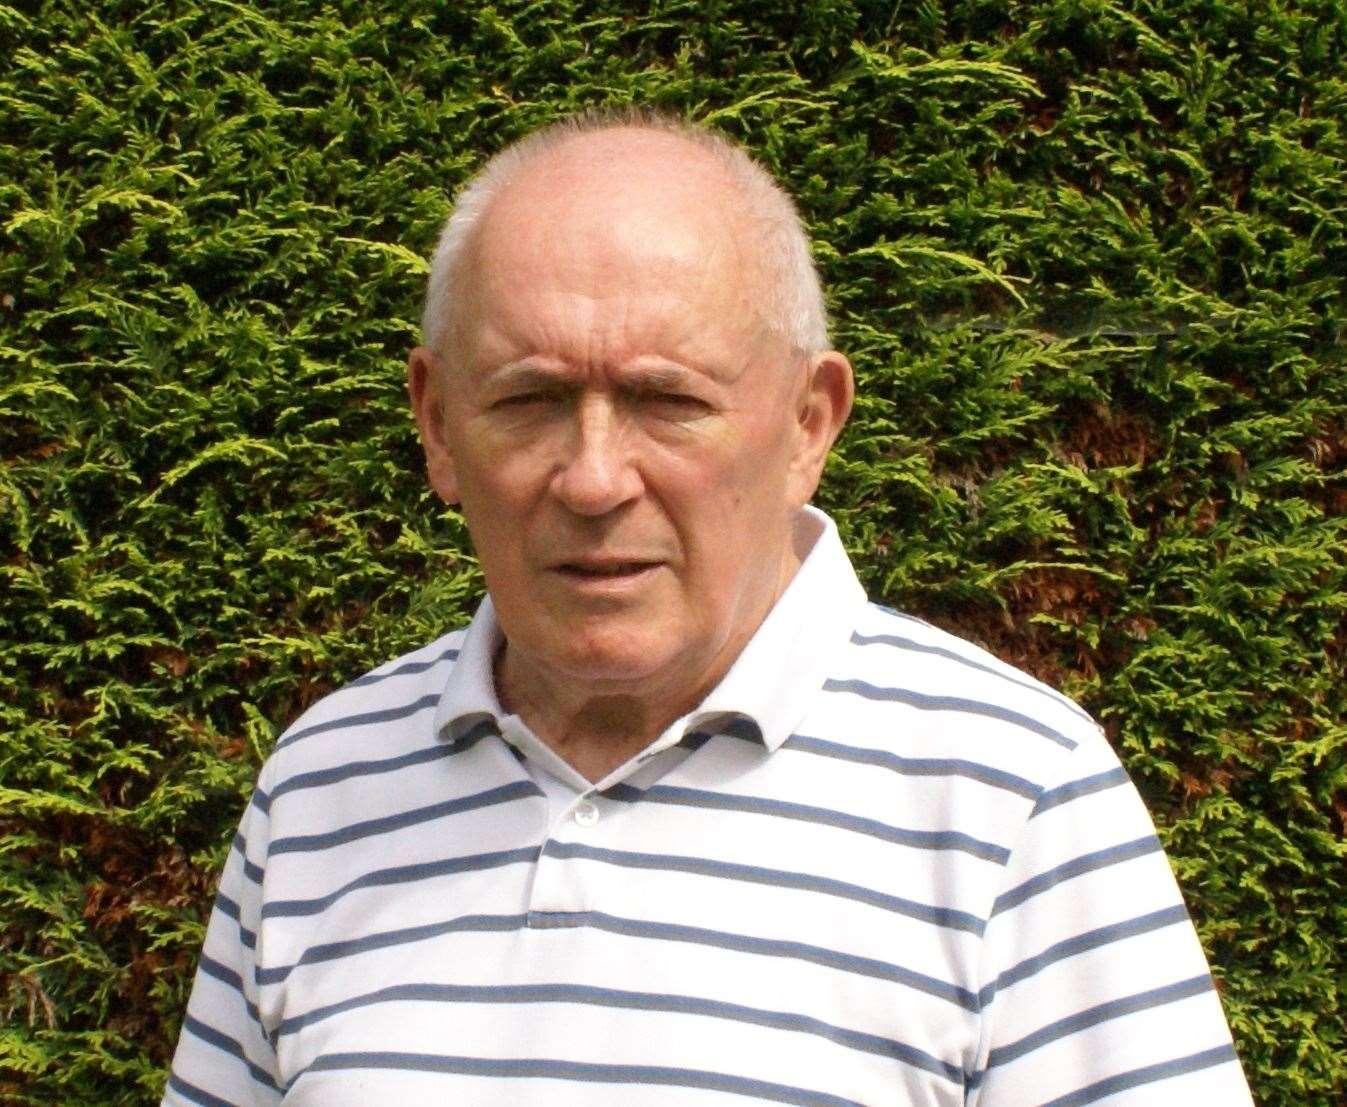 Robin Oakley from Staplehurst